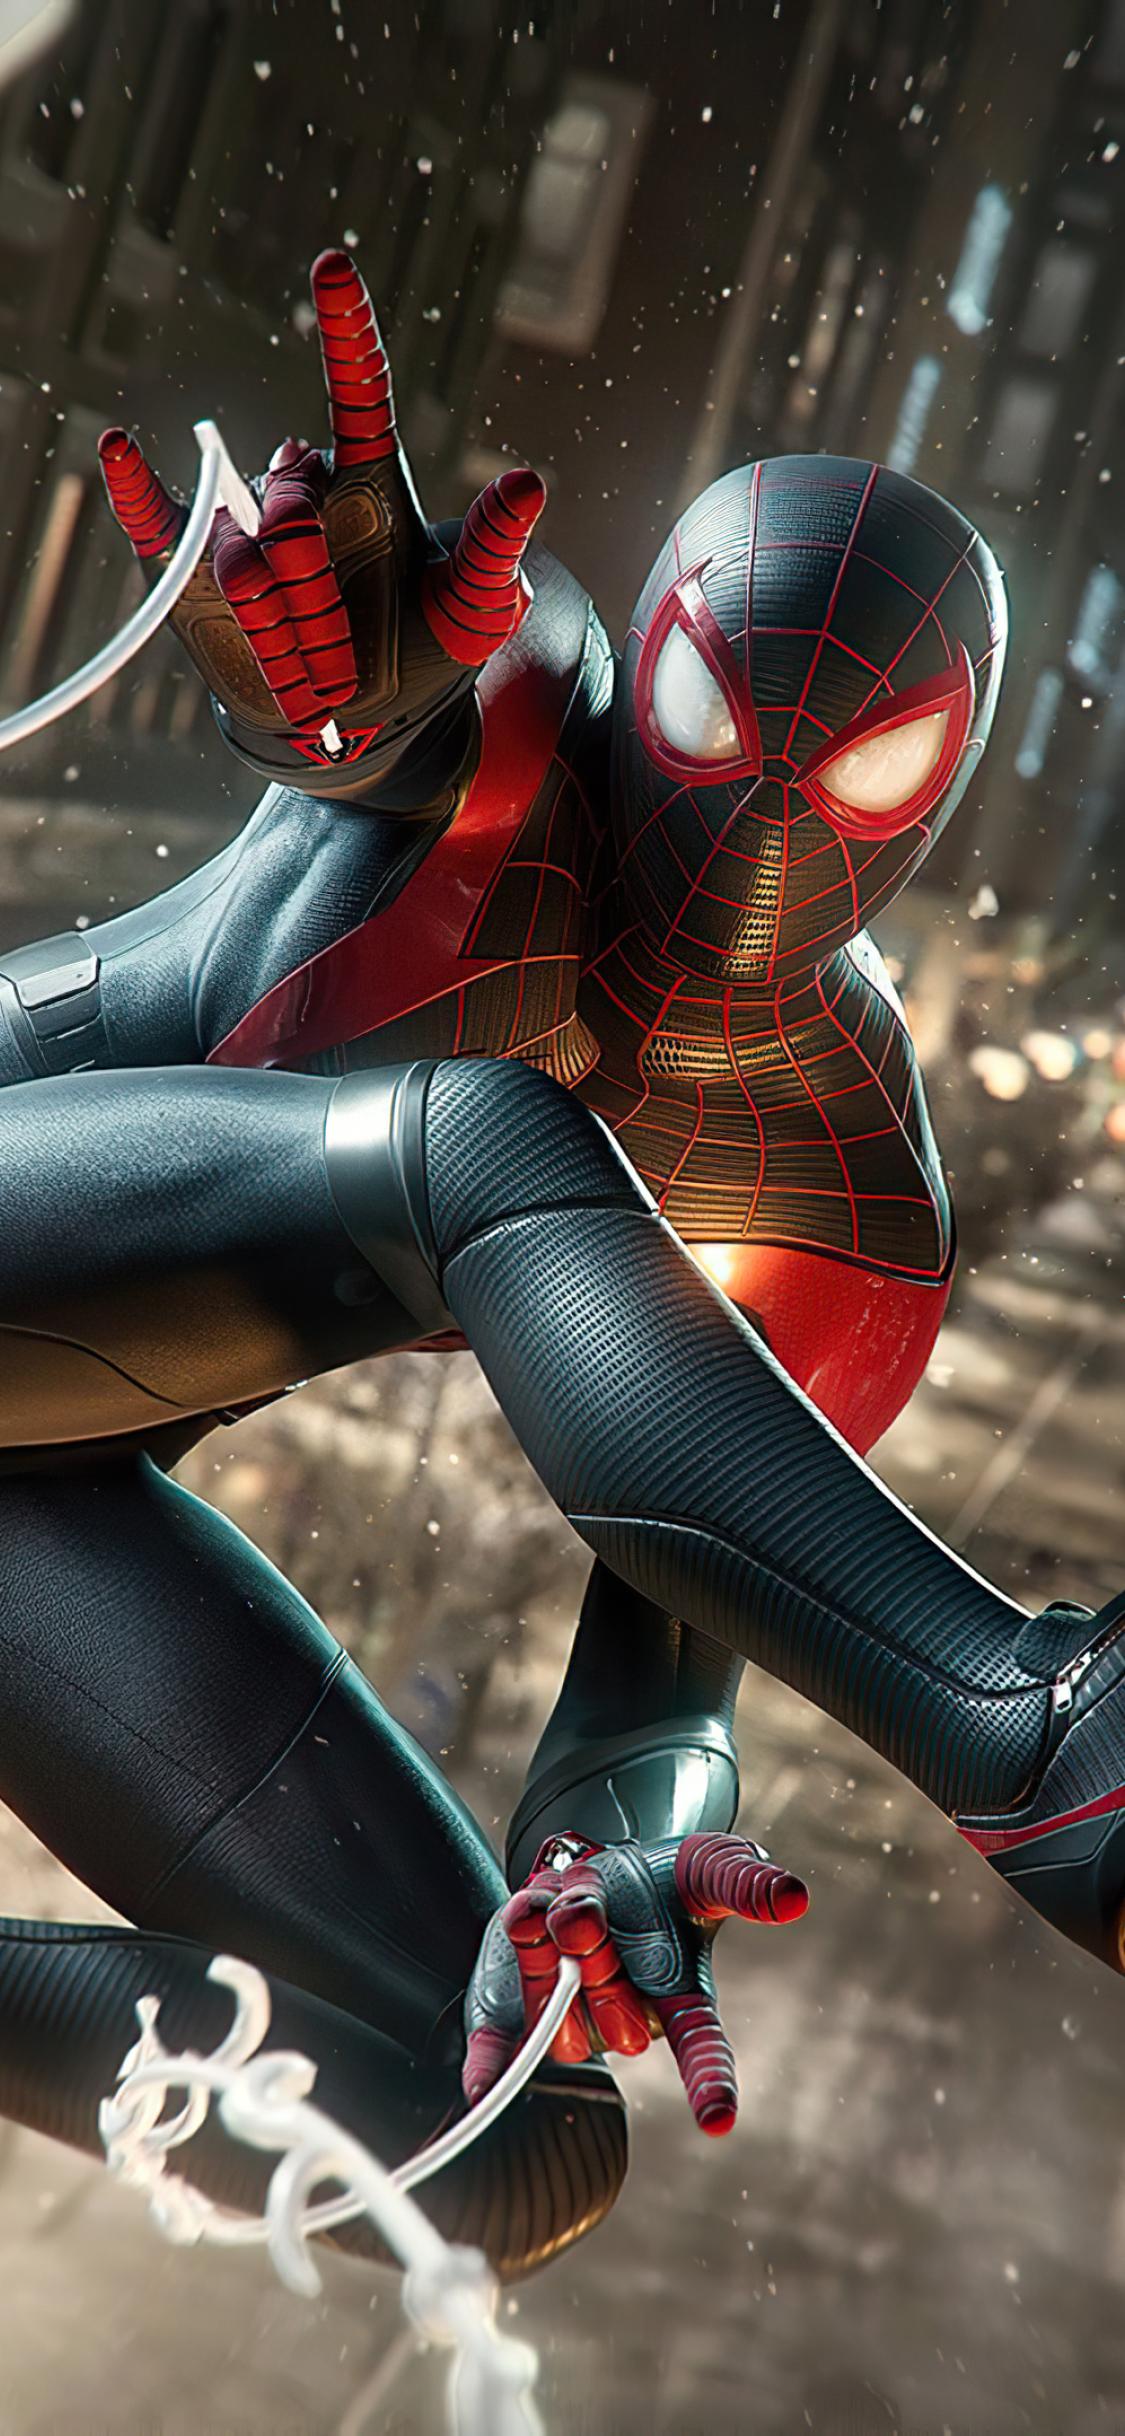 1125x2436 4K Marvels Spiderman Miles Morales 2020 Iphone ...